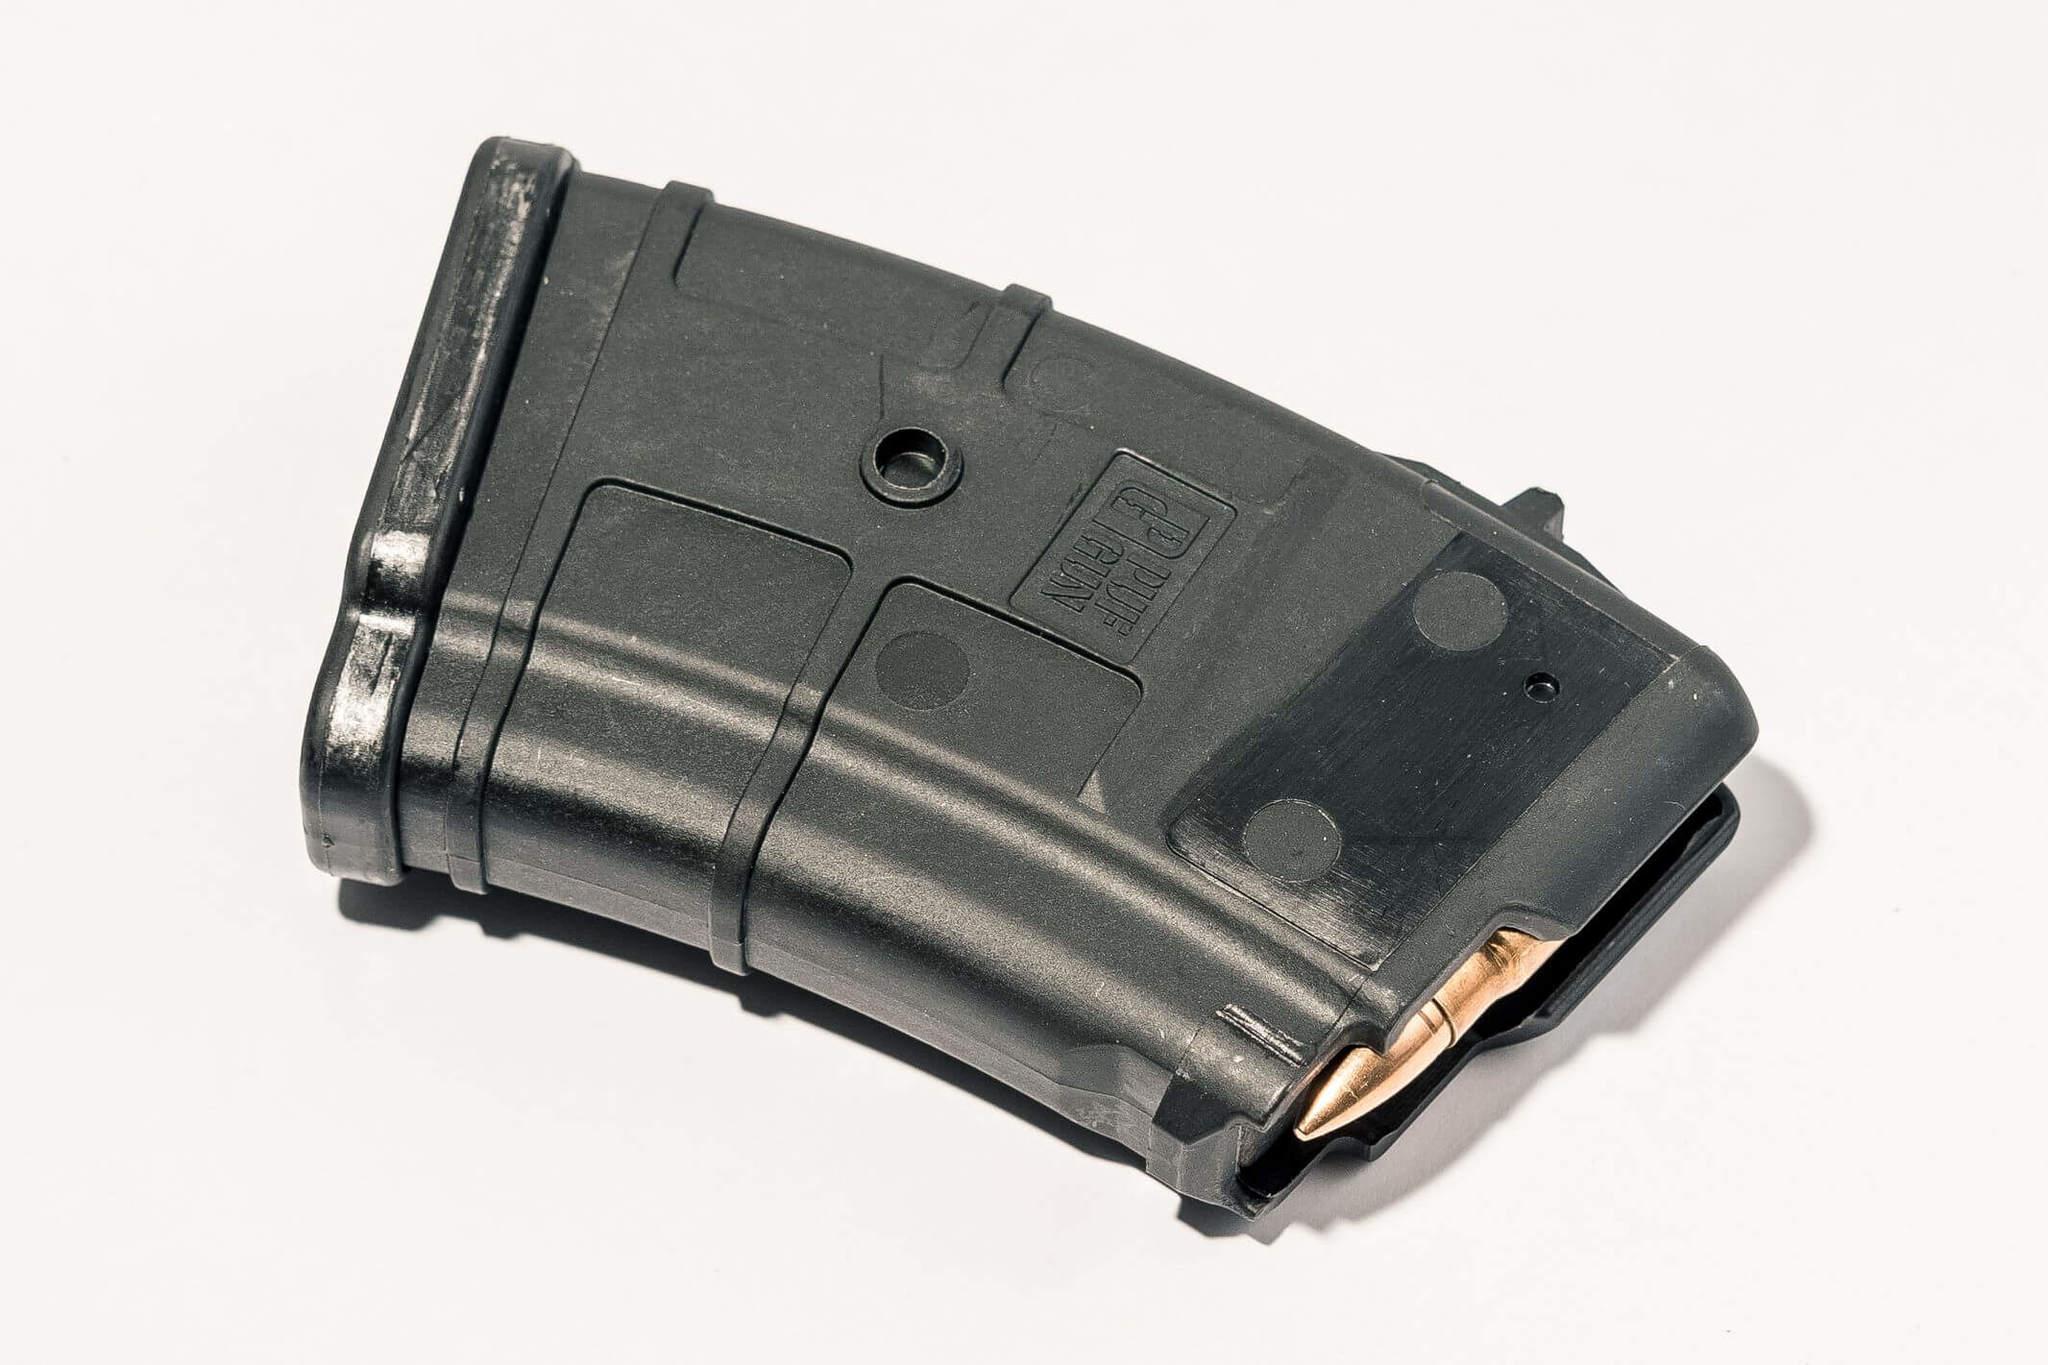 Купить Магазин для АК 7,62 на 10 патронов, PUFGUN